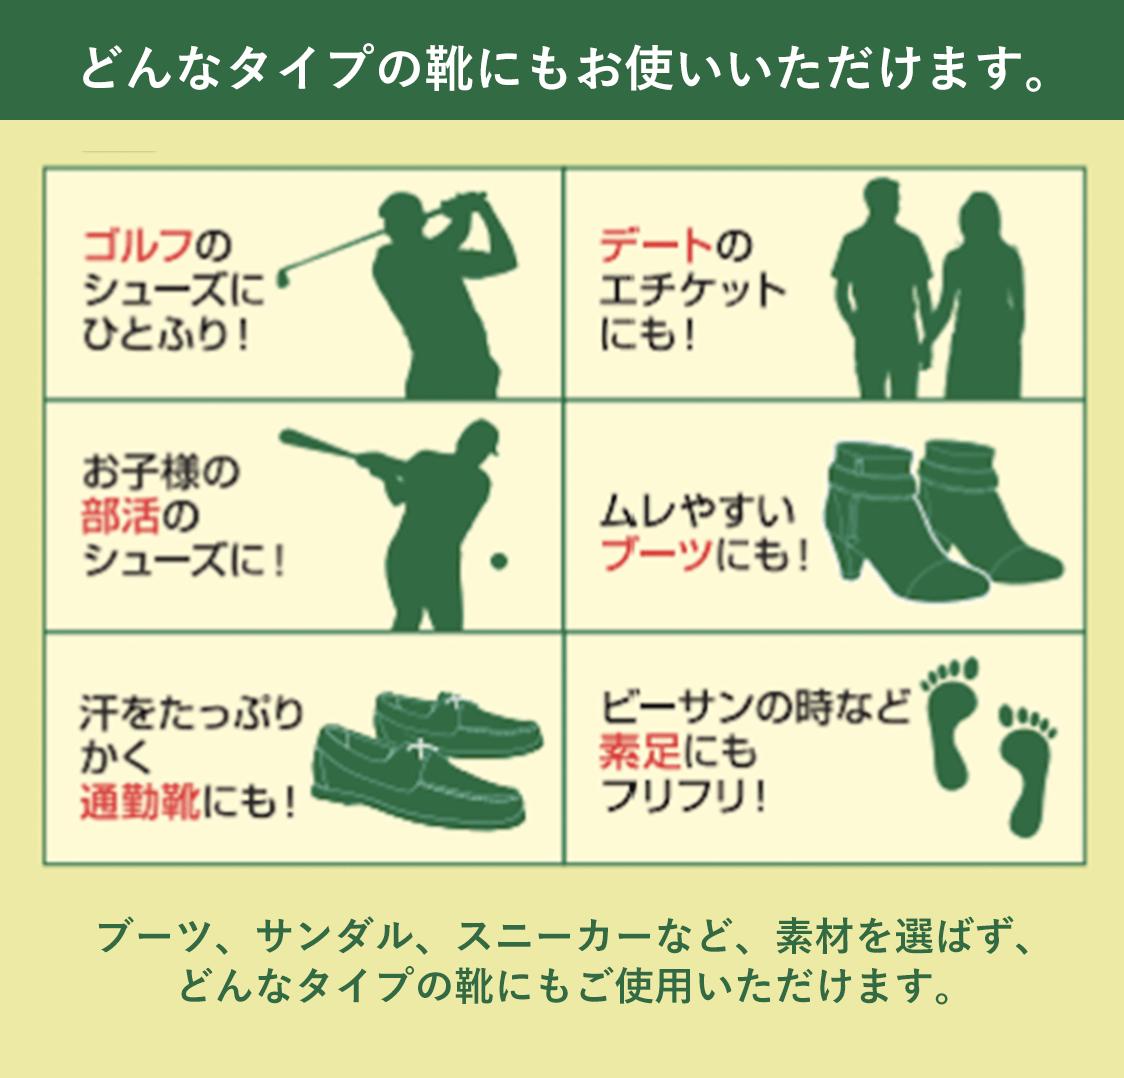 どんなタイプの靴にもお使いいただけます。